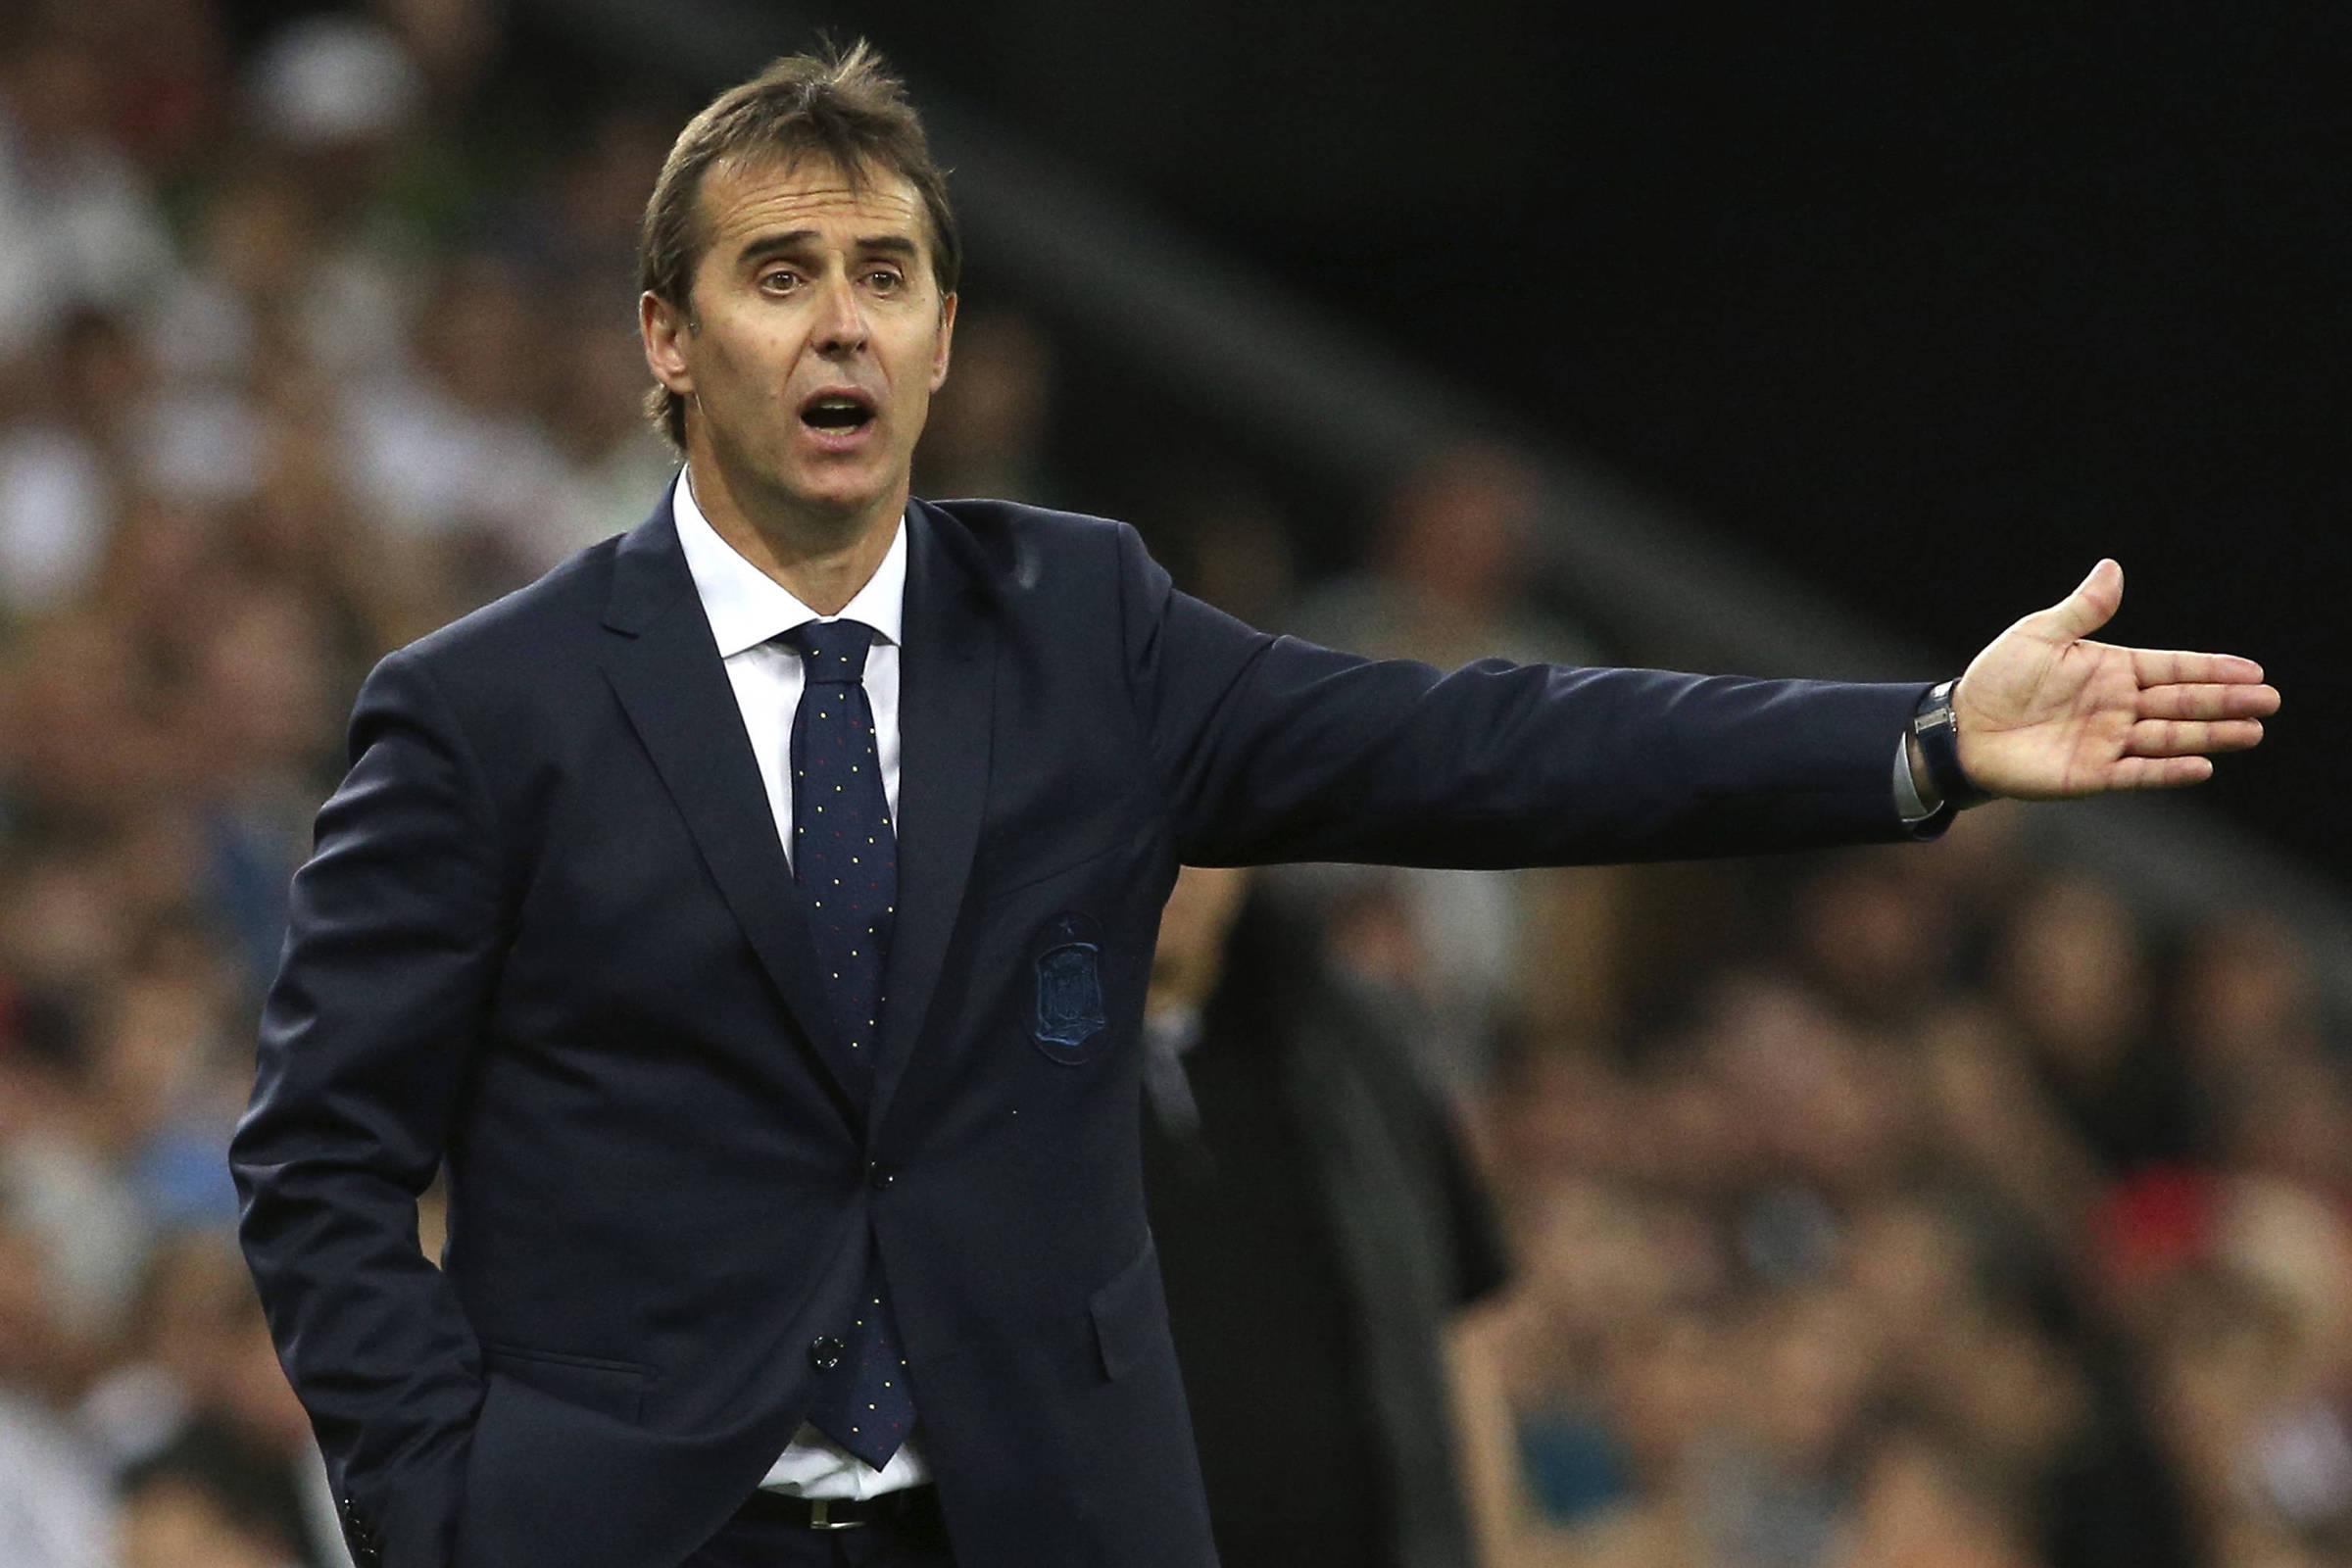 25848f264cbf5 Técnico da Espanha na Copa assumirá o Real Madrid após o Mundial -  12 06 2018 - Esporte - Folha